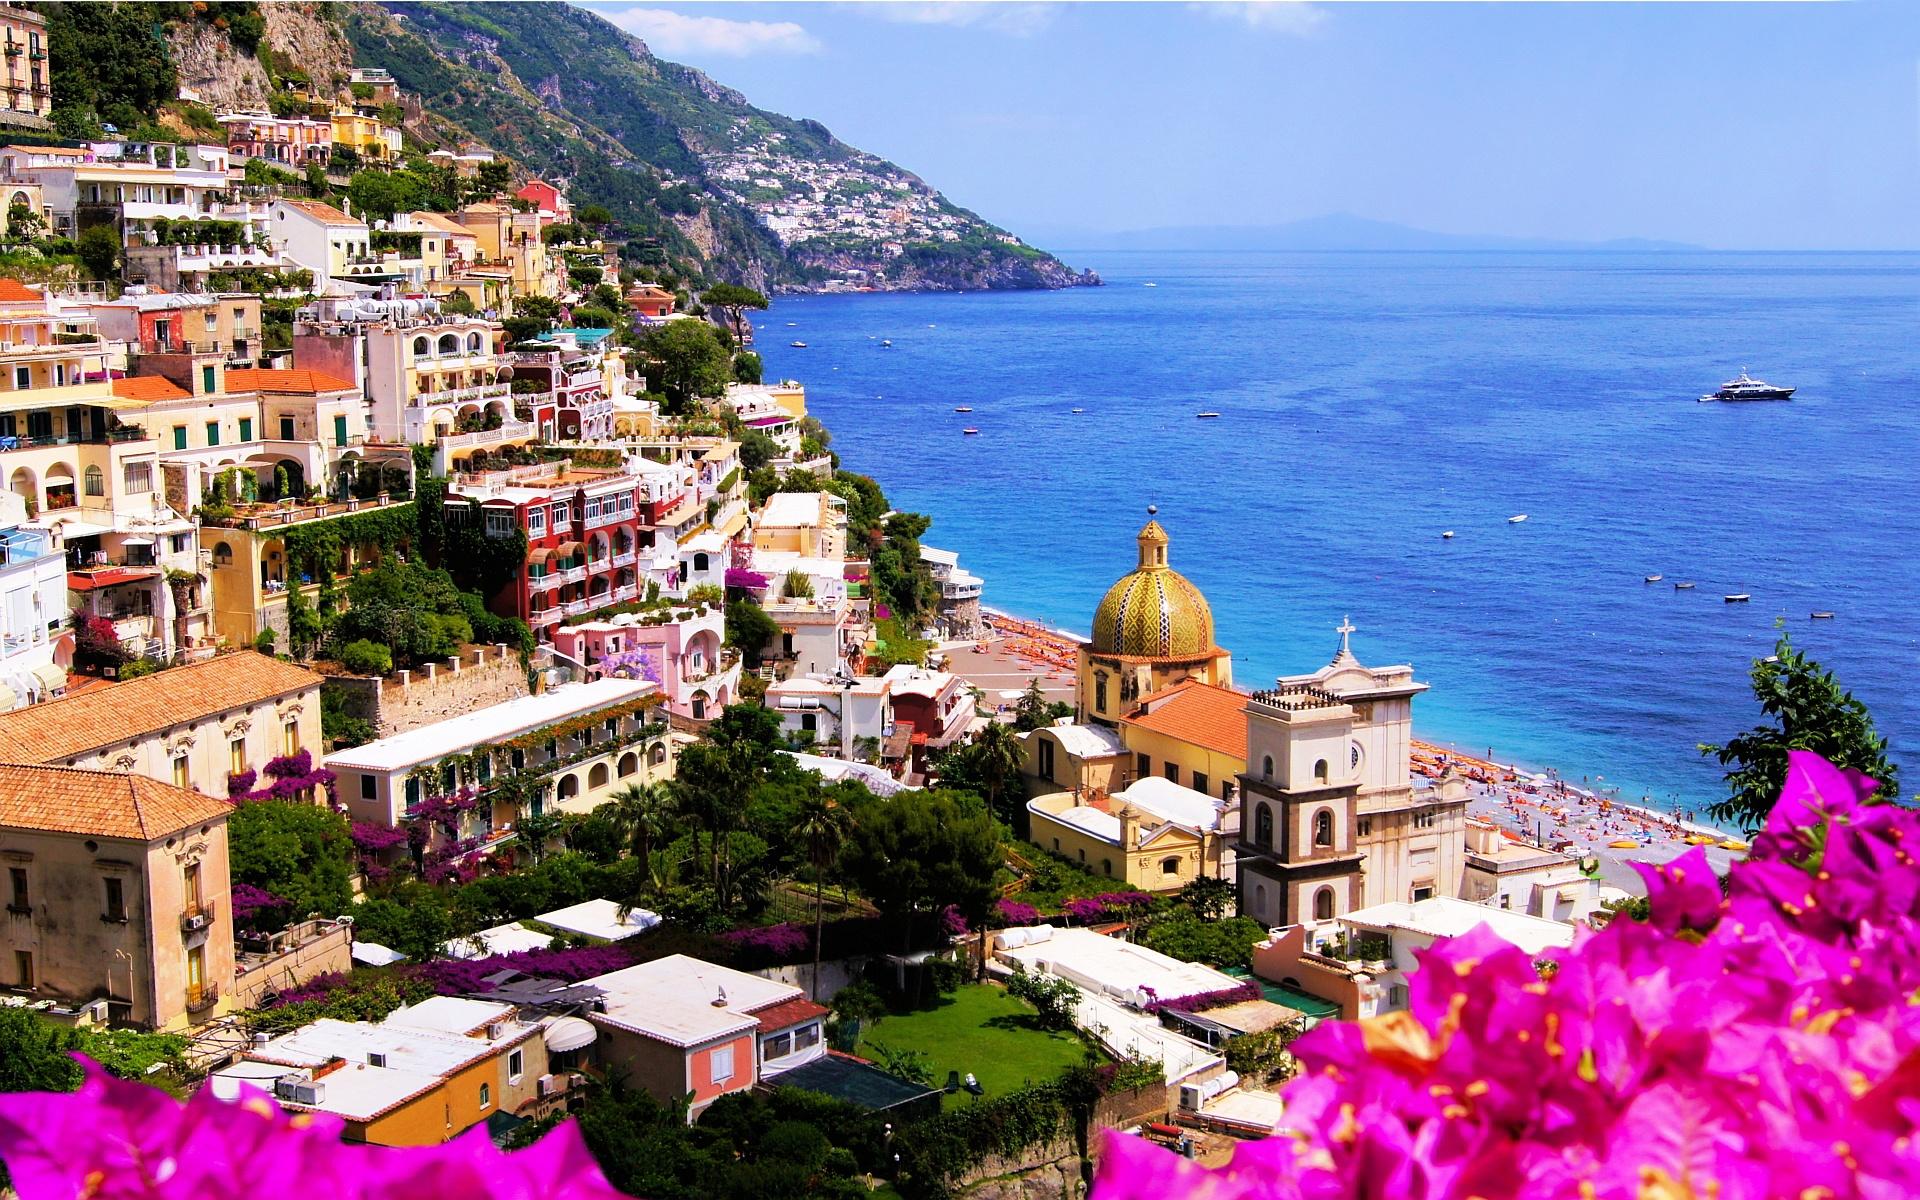 Le mete più costose d'Italia? Tutte in Campania